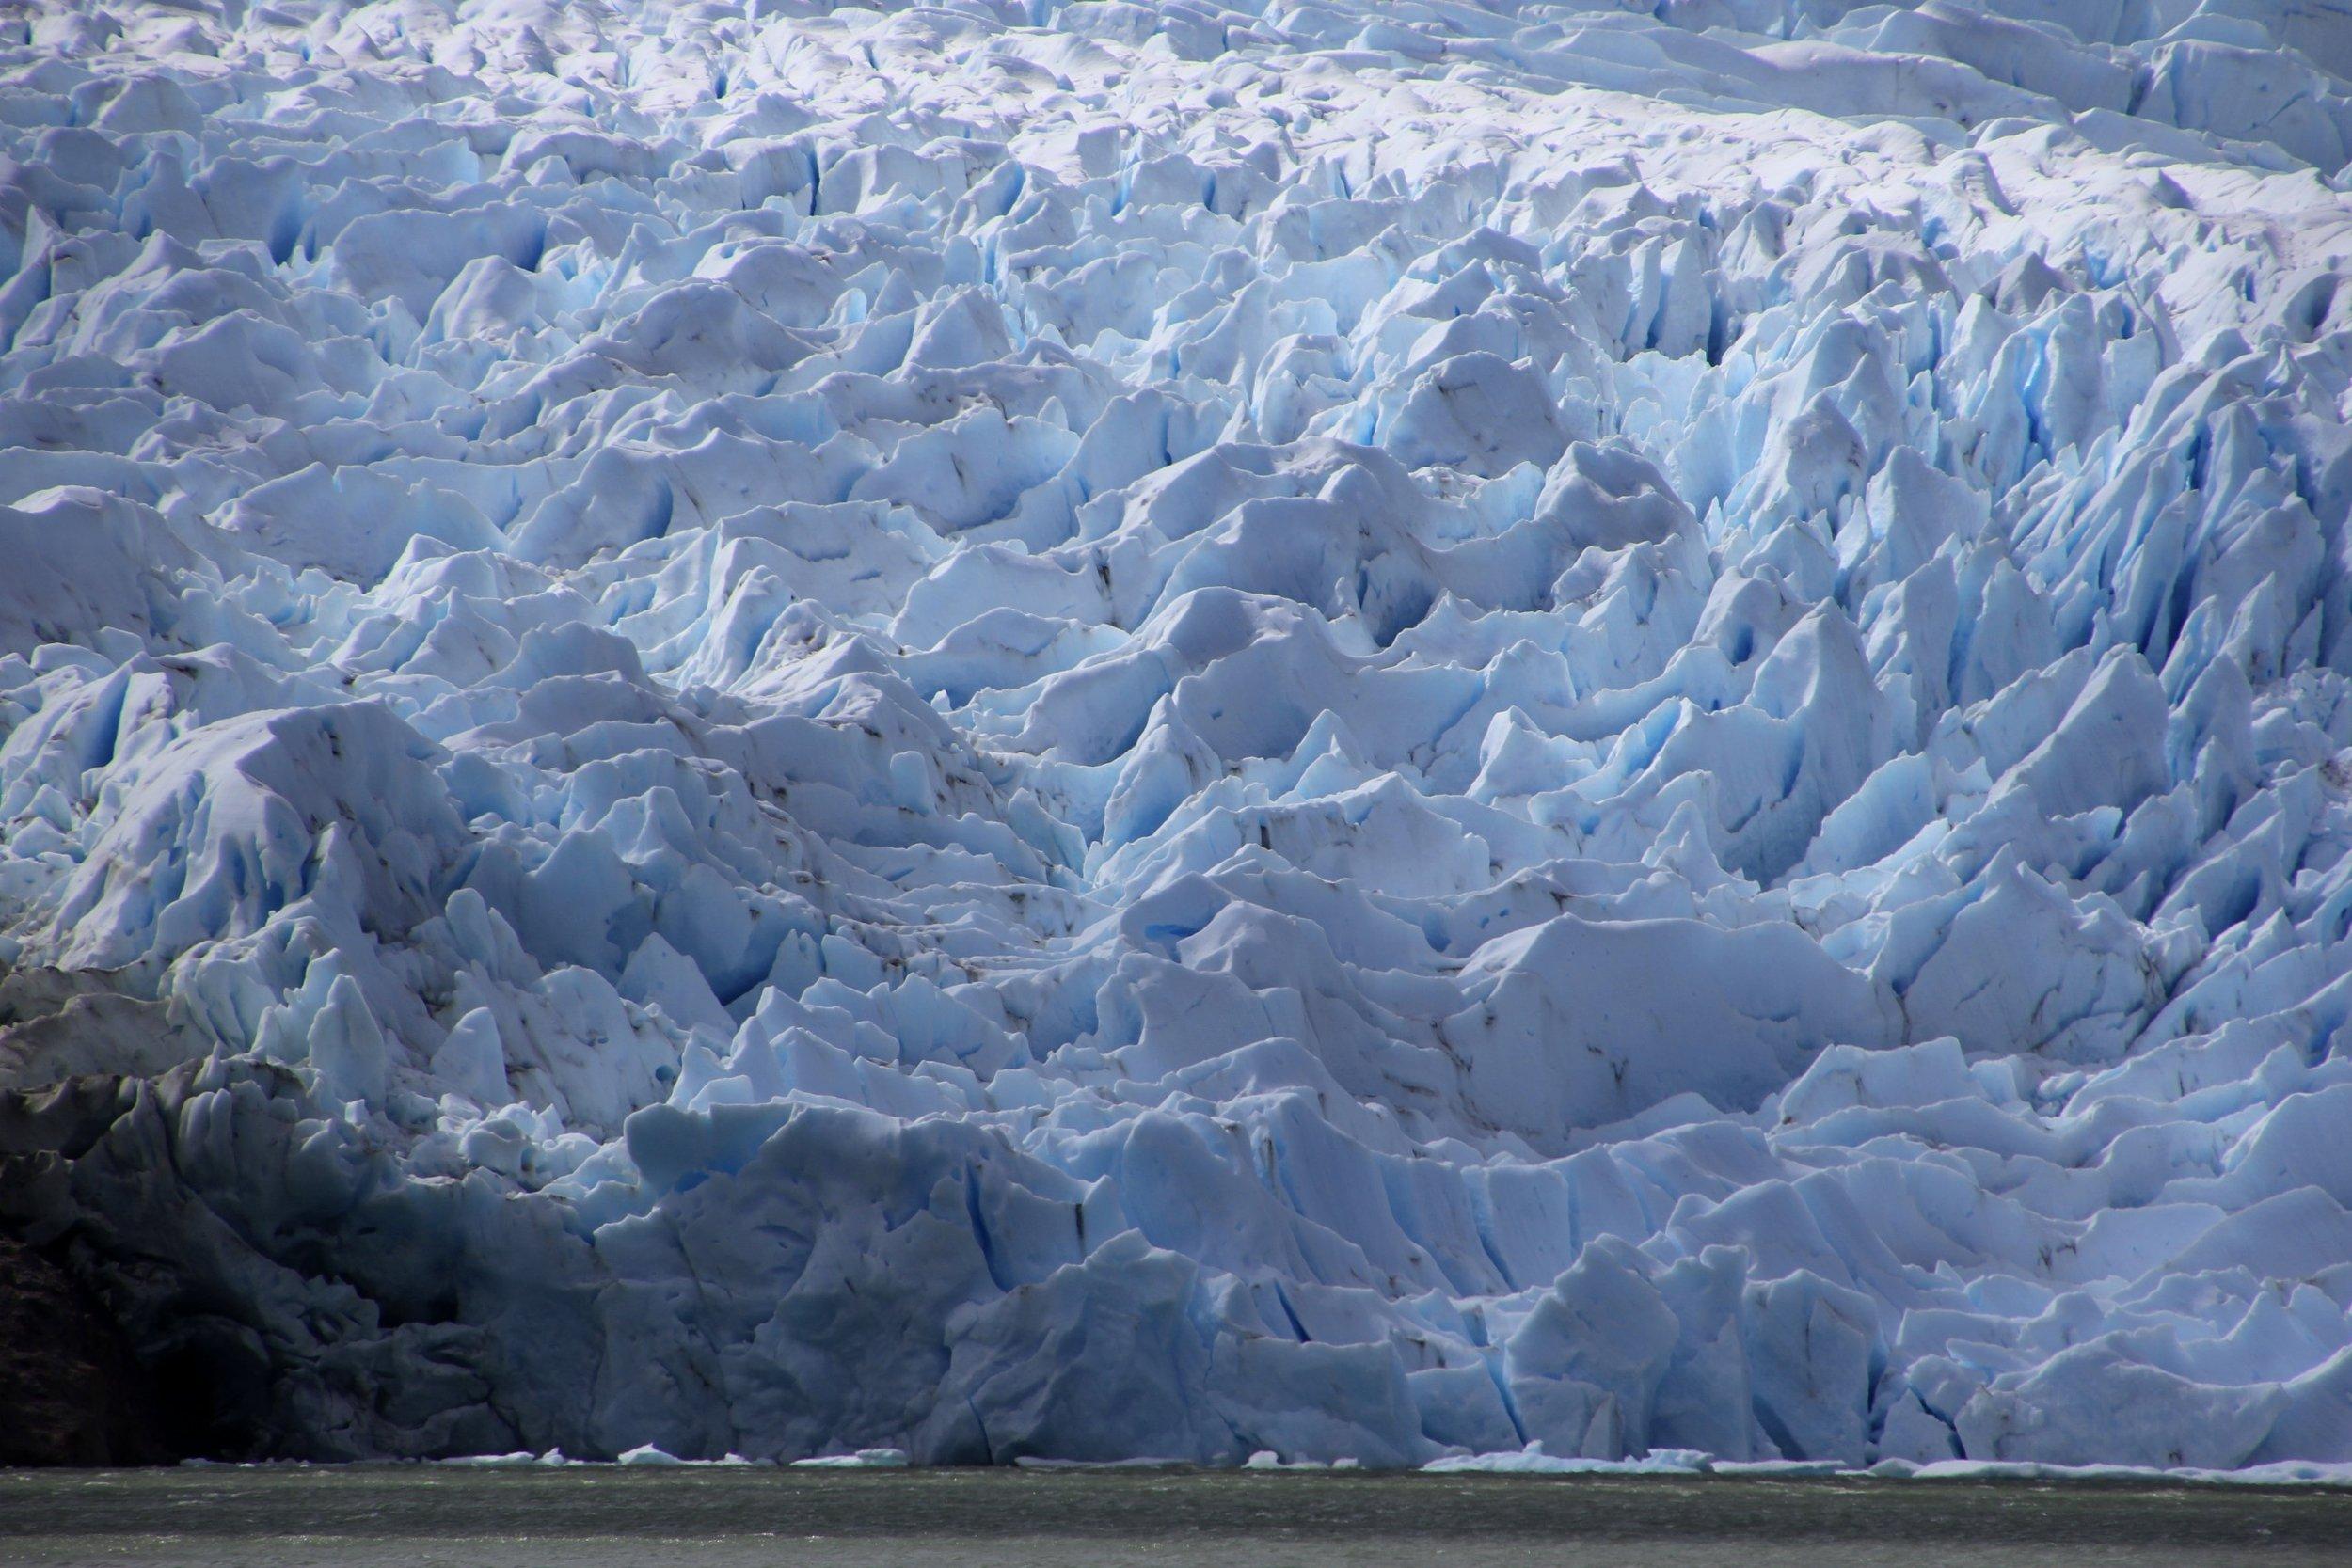 The glaciers of the Darwin Range on the Tierra del Fuego